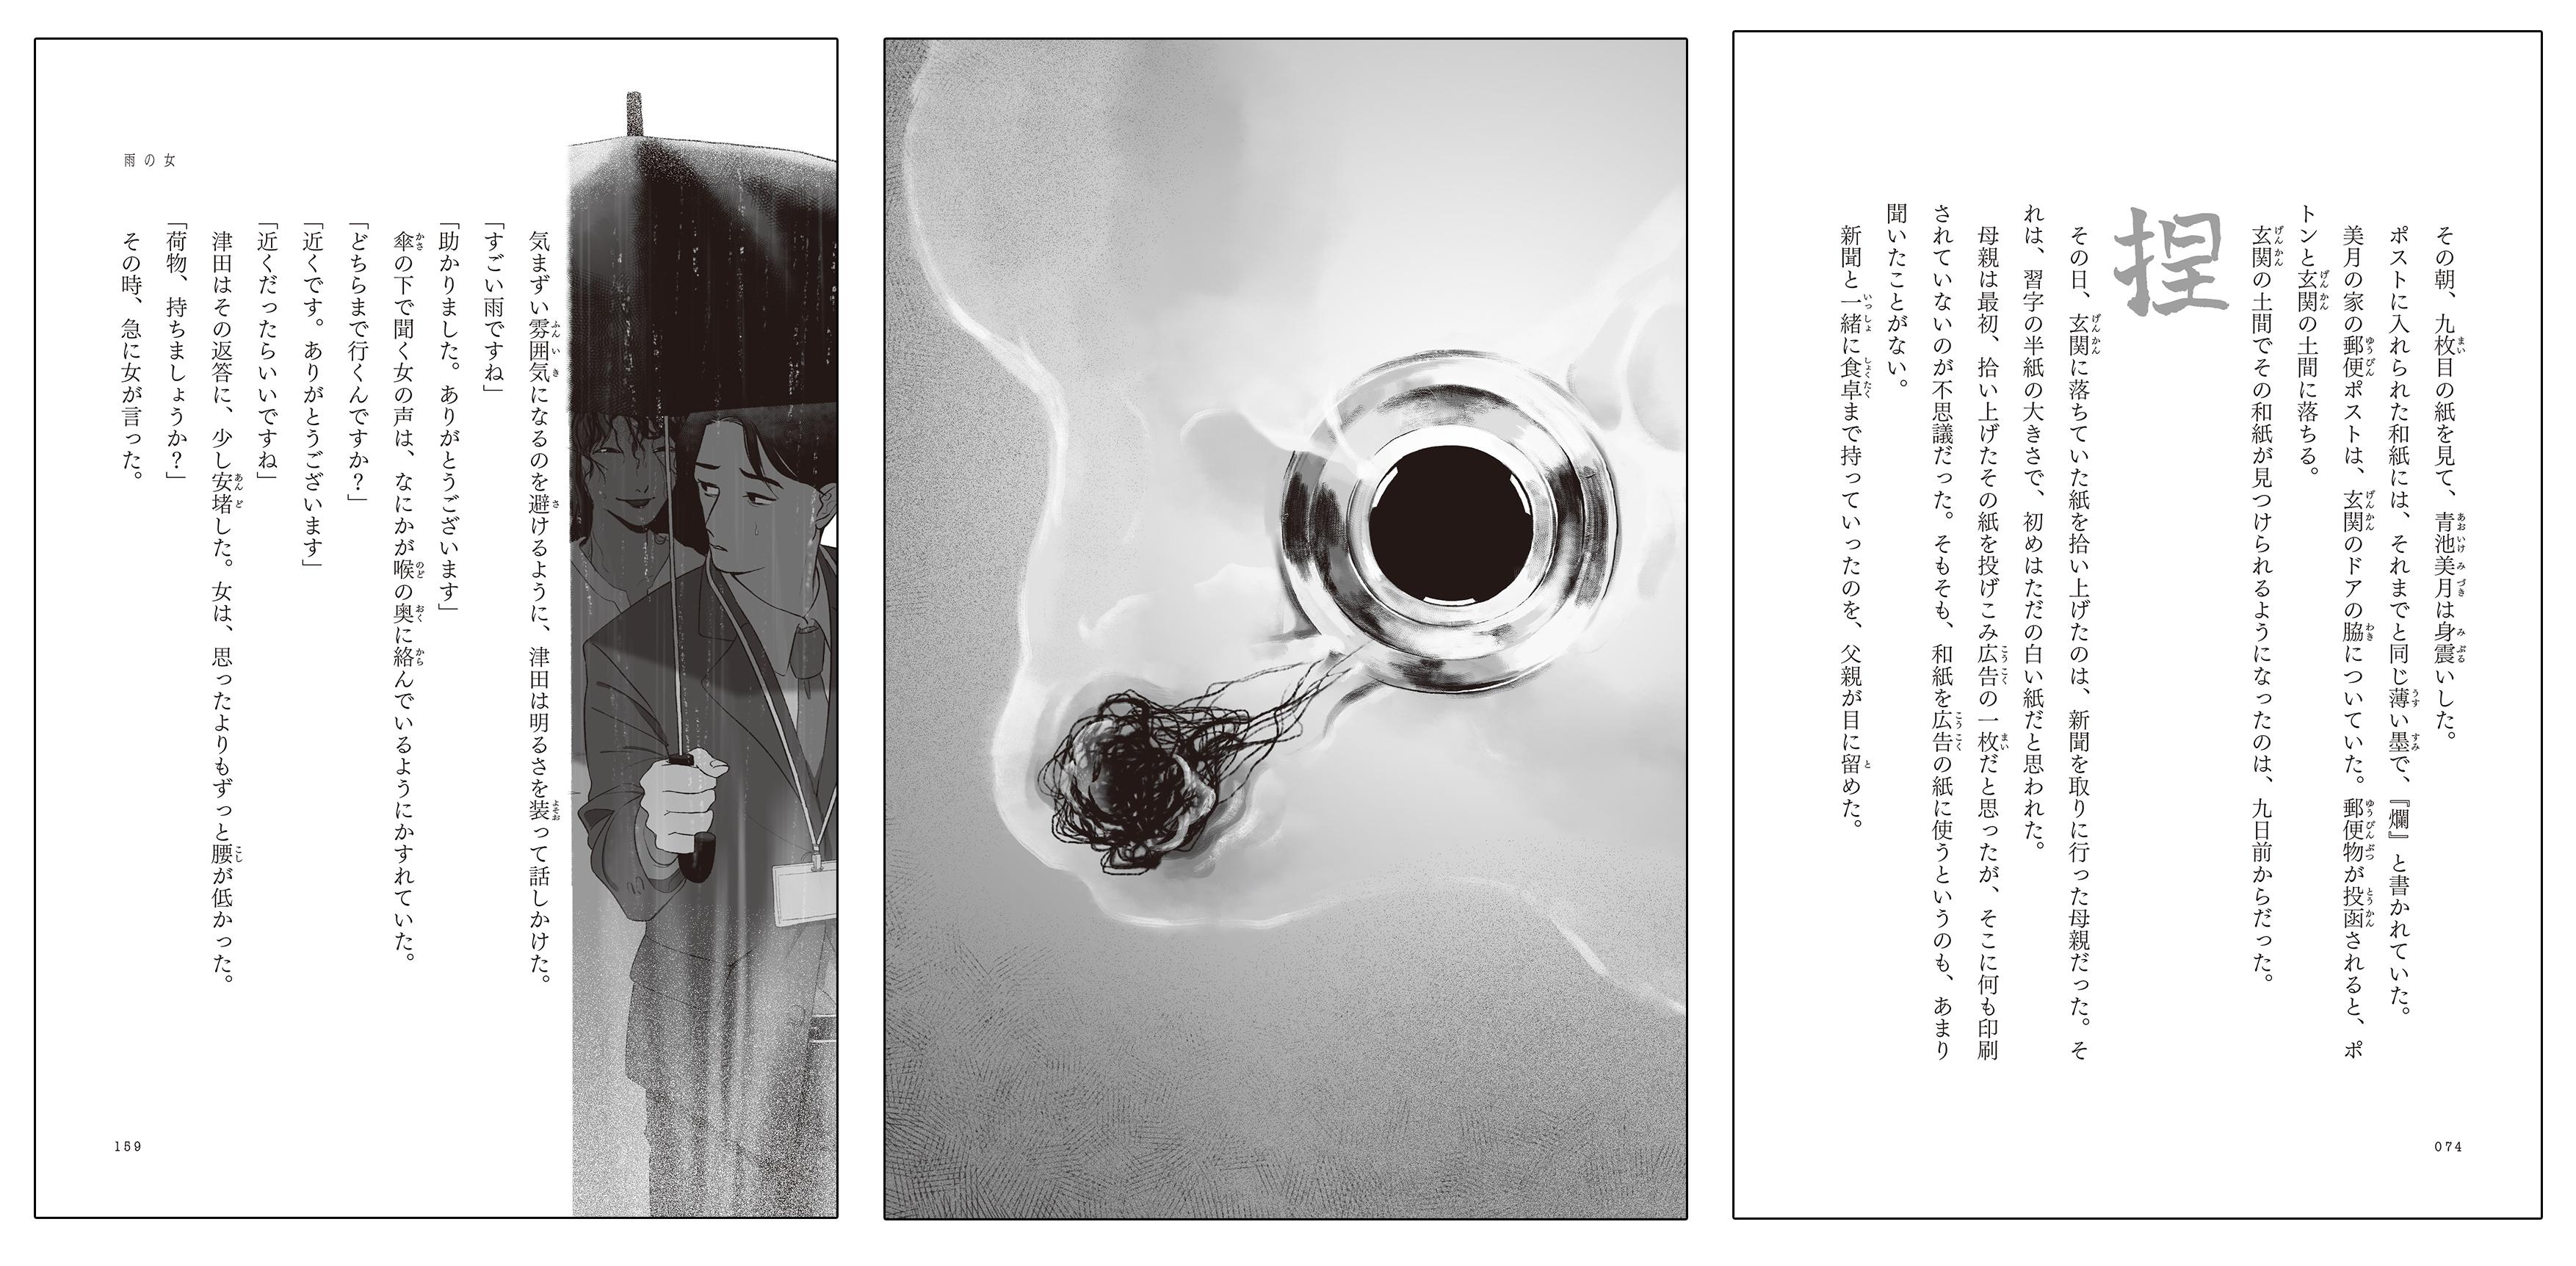 『呪い髪の女』には不穏なシーンが続出。左から『雨の女』、冒頭の挿話、『白い顔』。